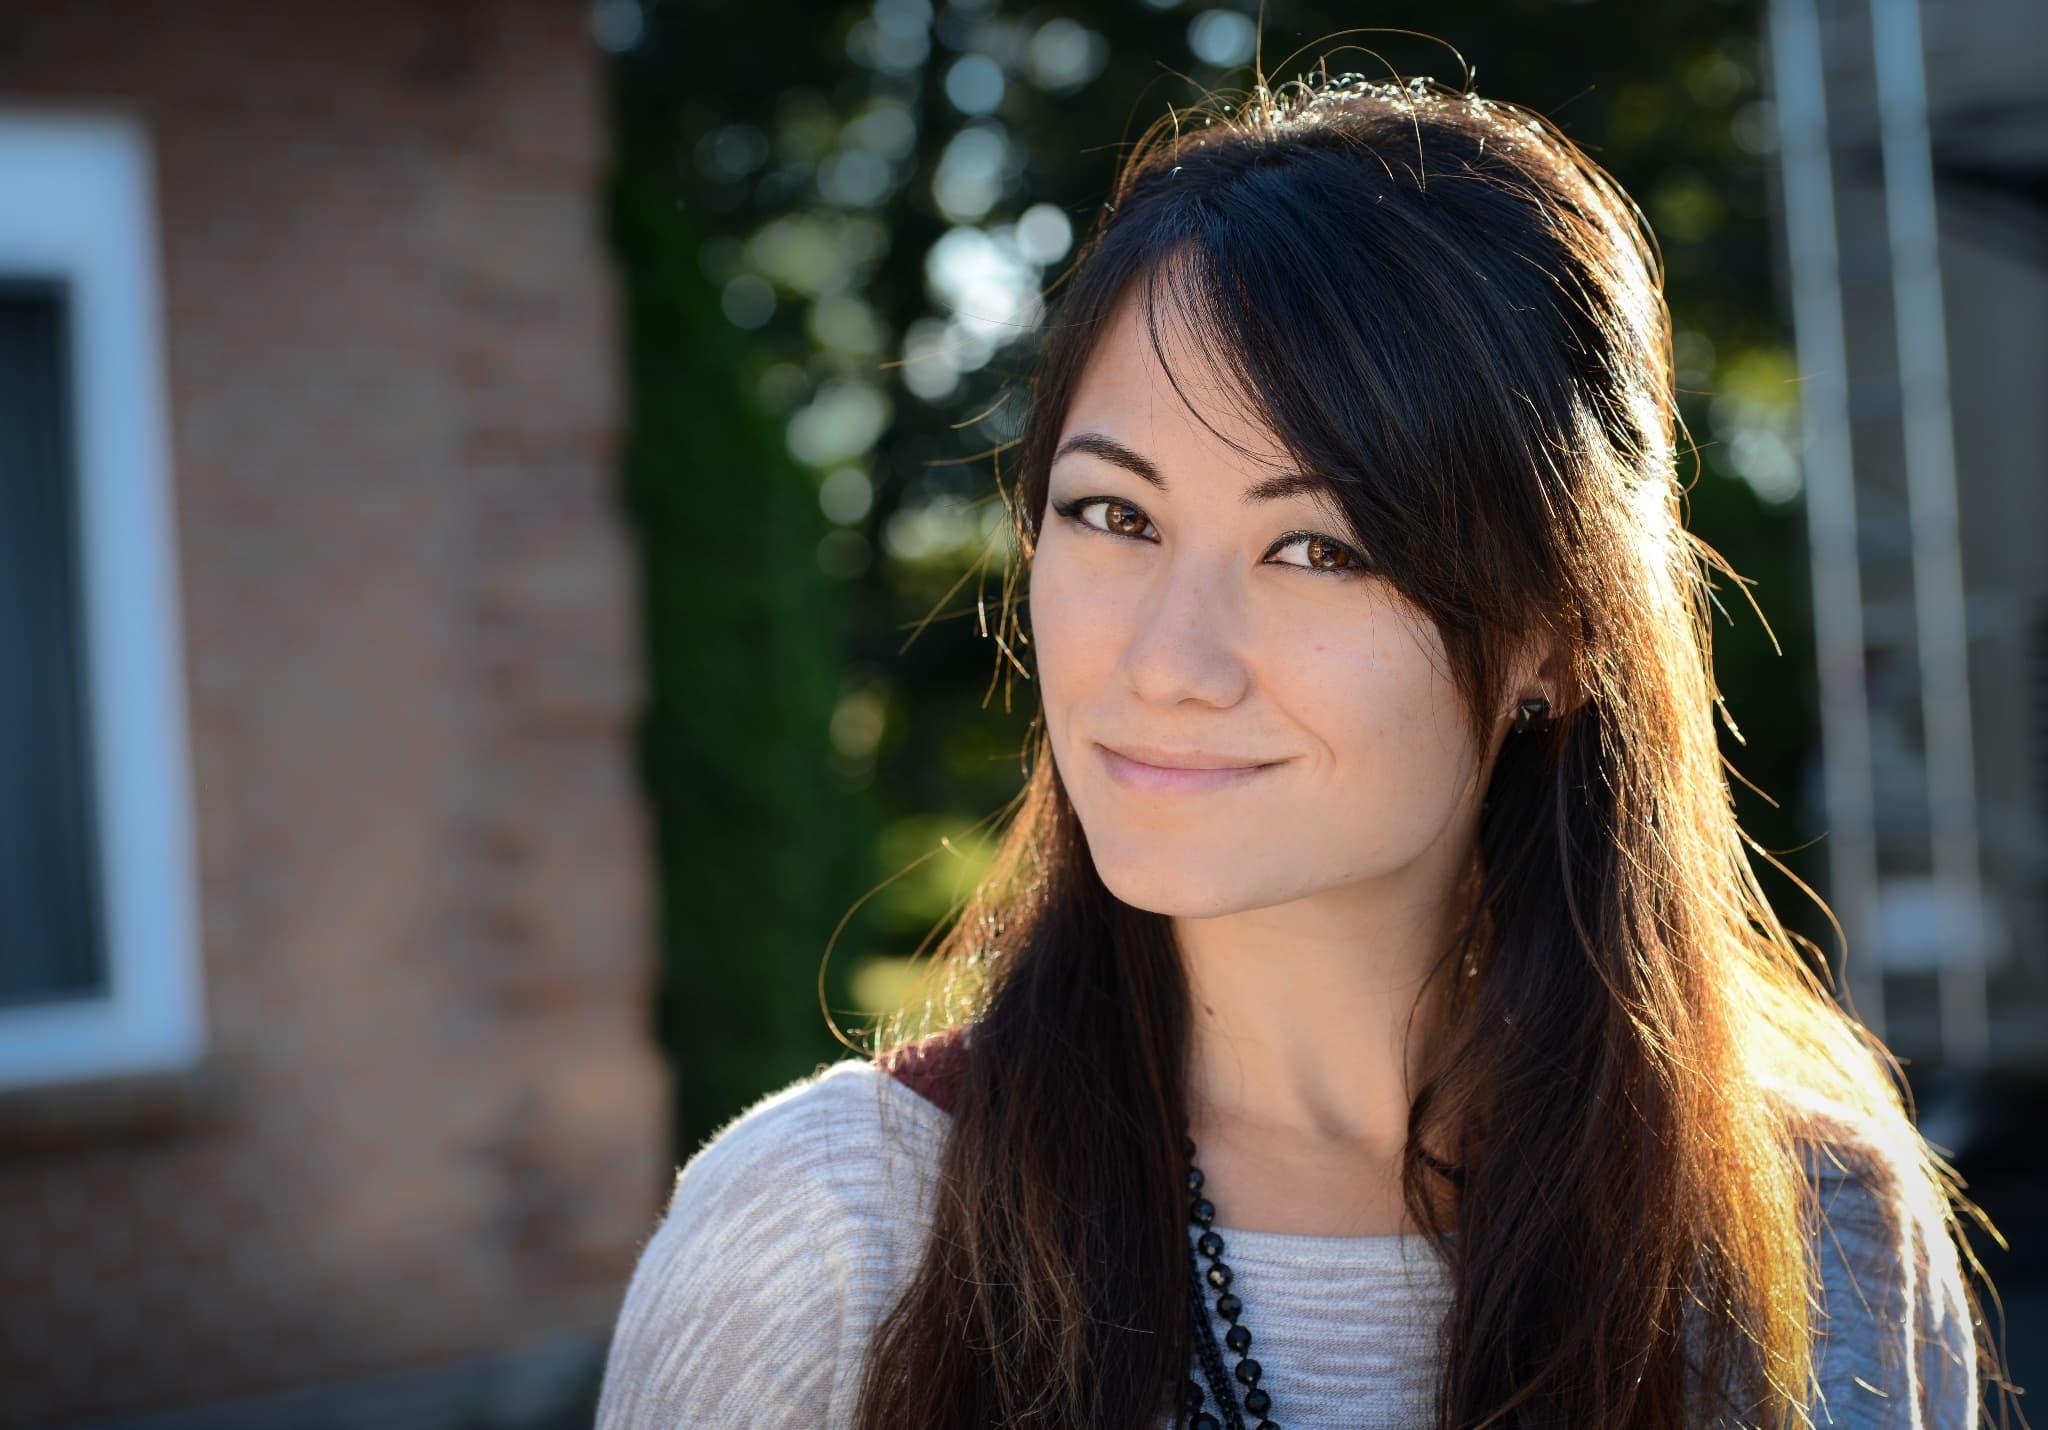 Allison Evans